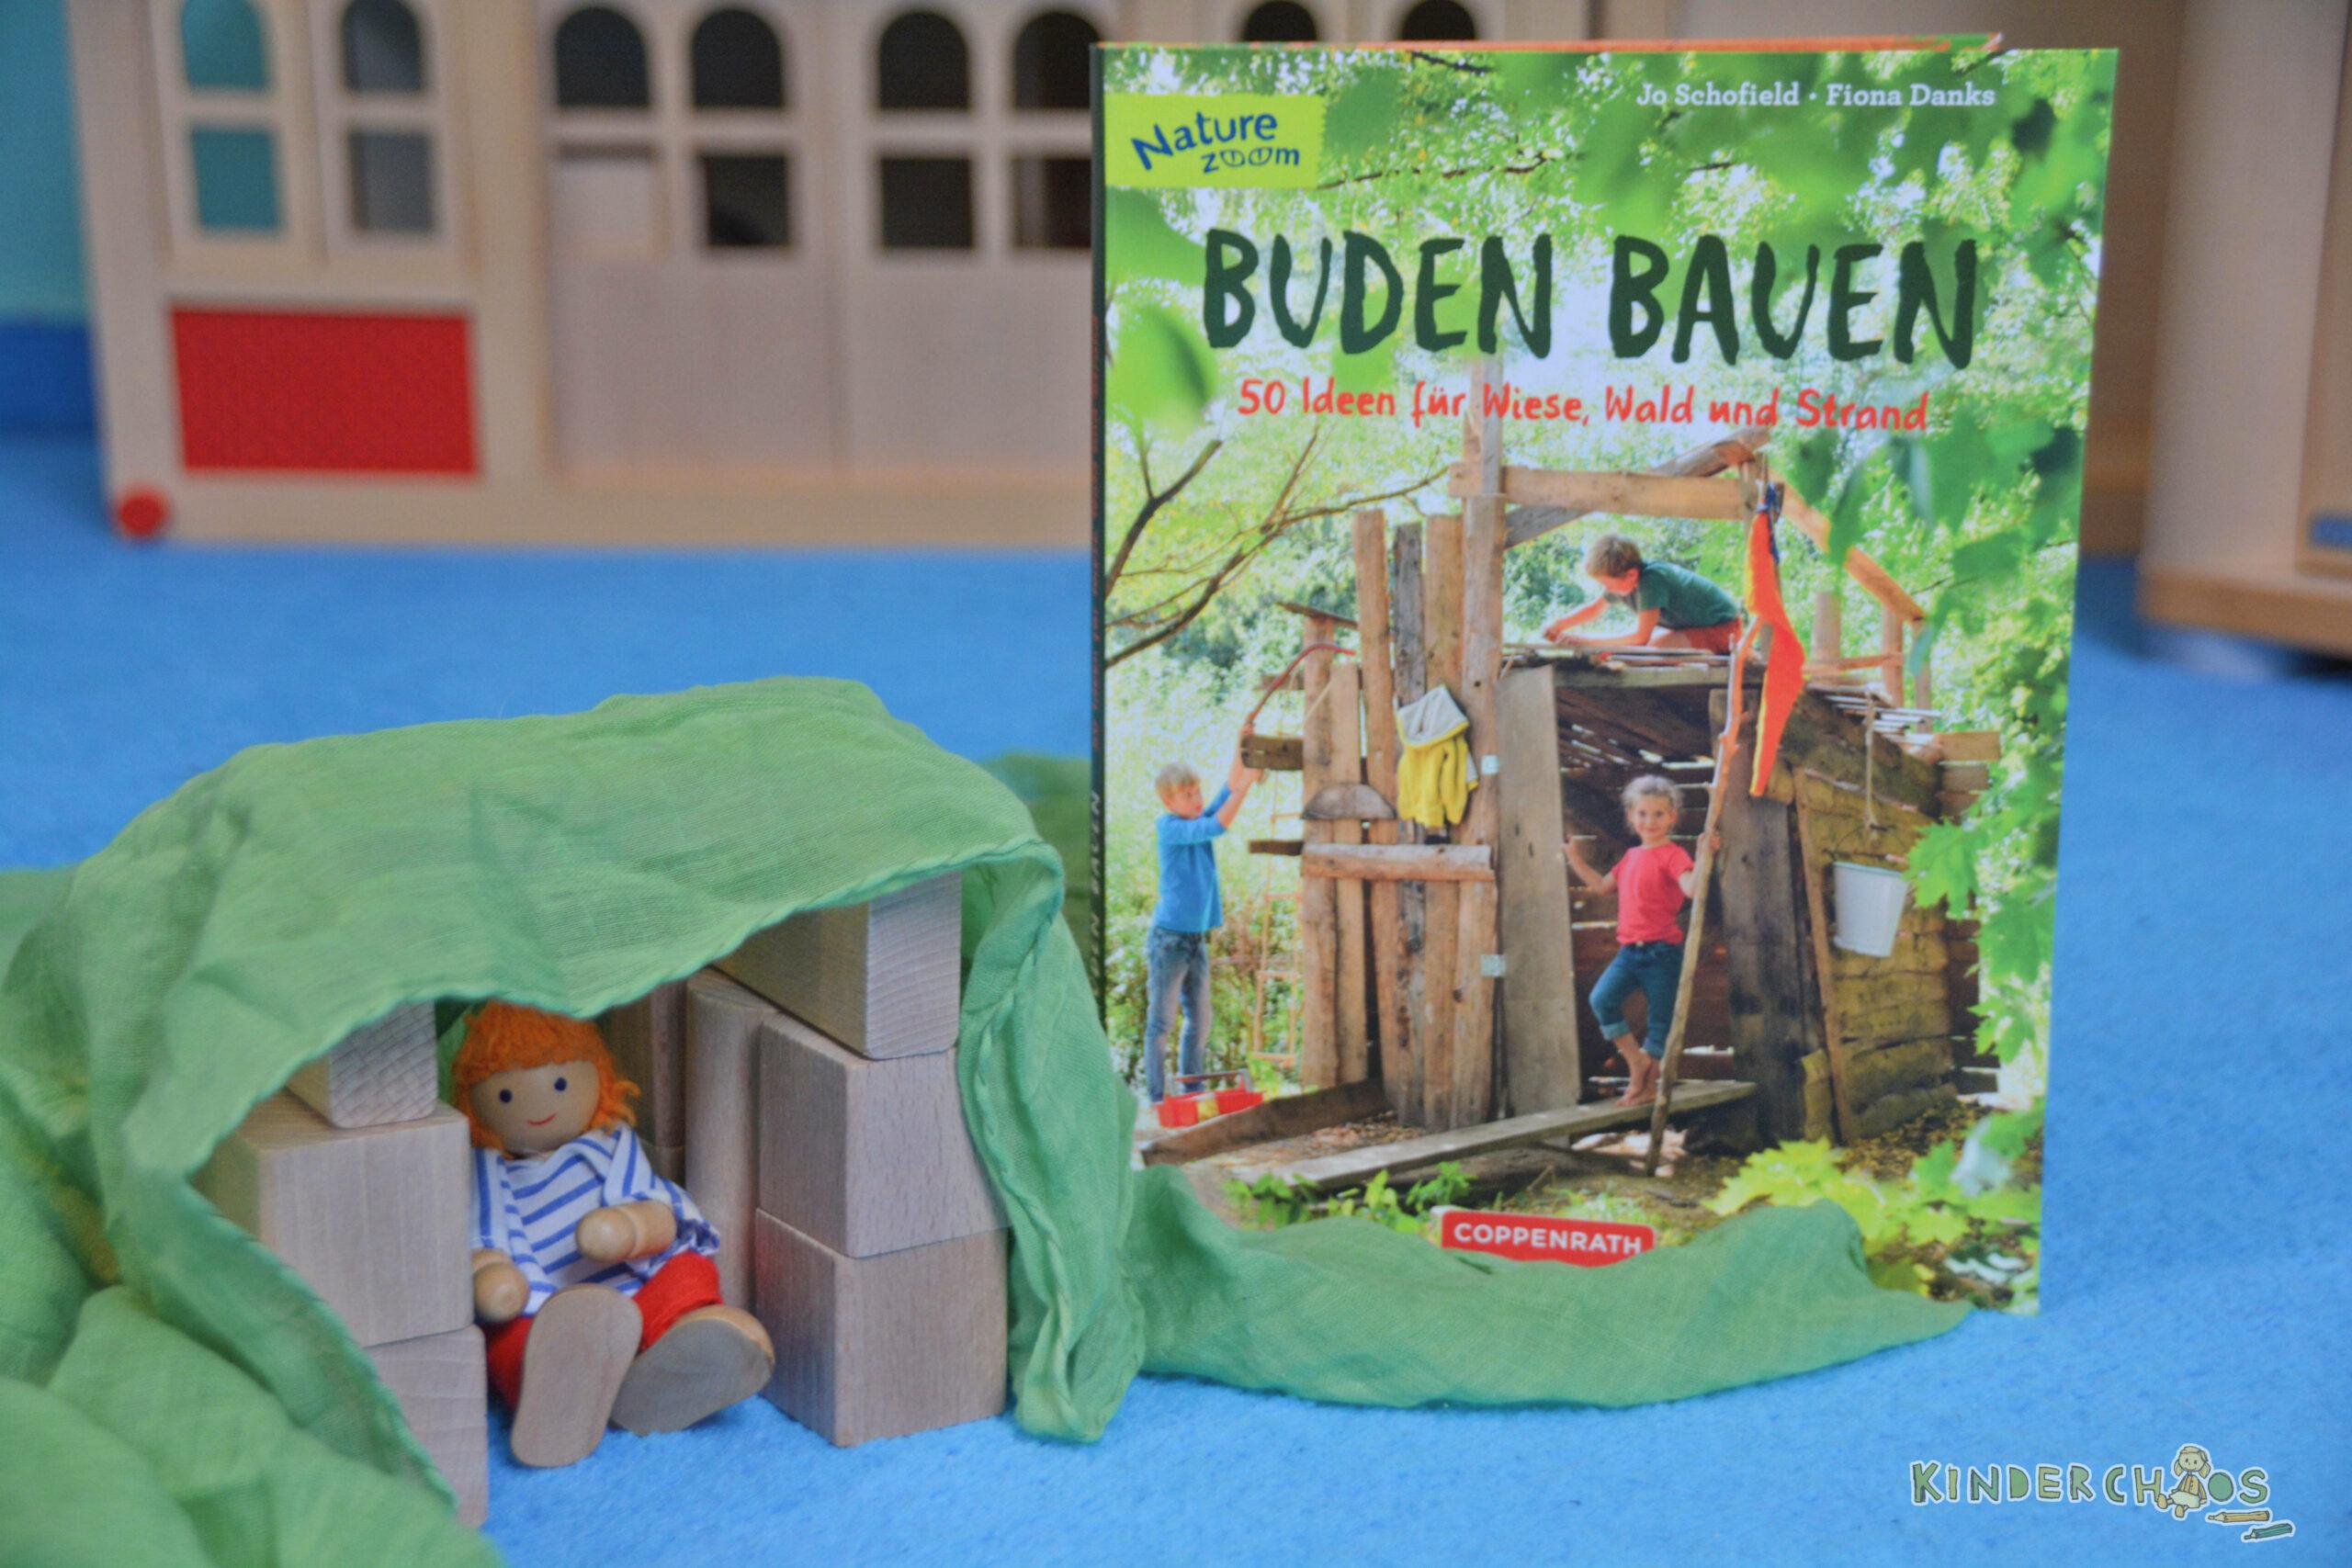 Buden bauen: 50 Ideen für Wiese, Wald und Strand: